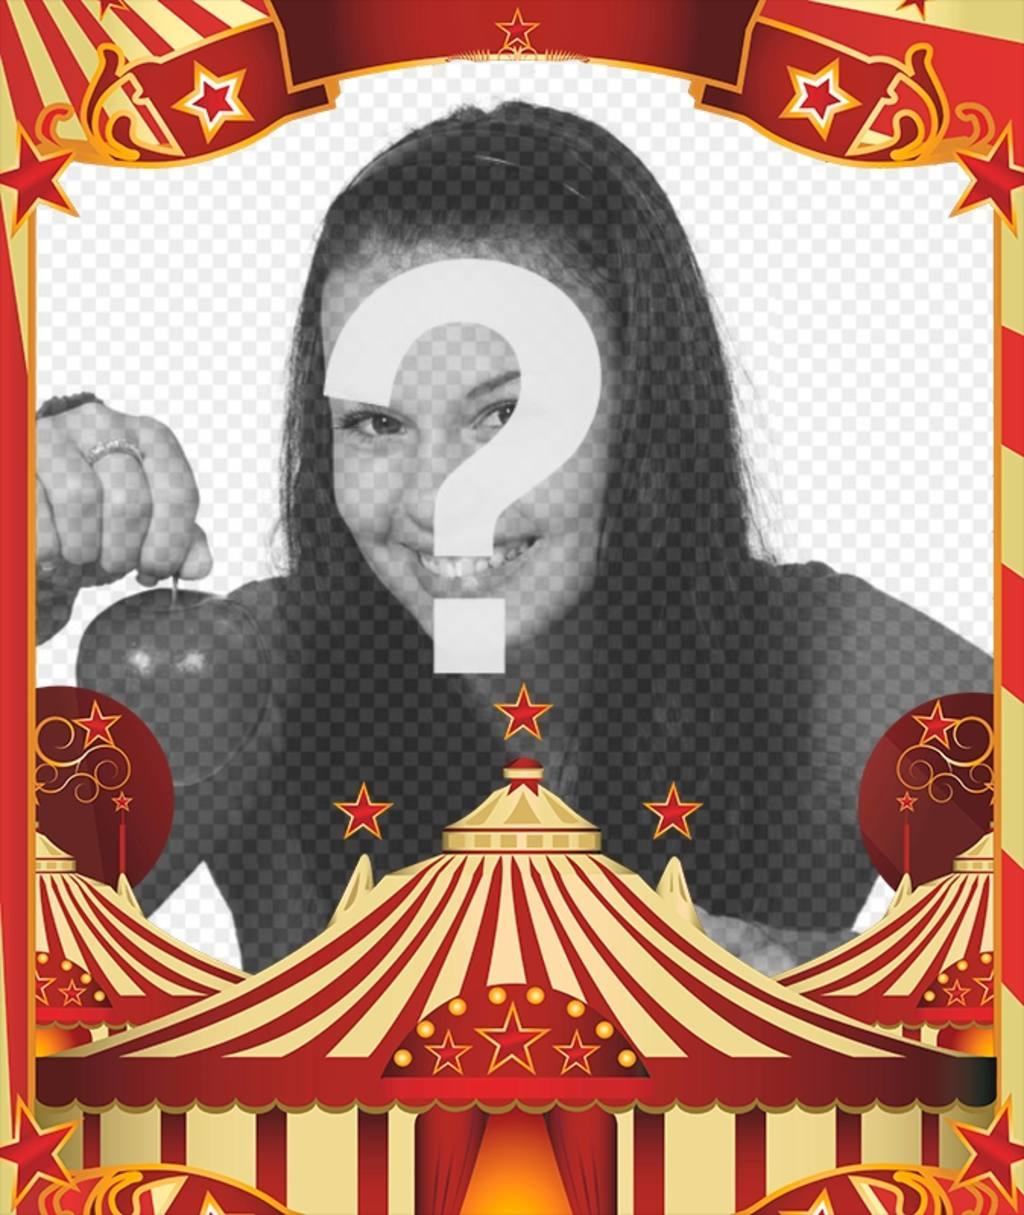 Cadre photo avec le dessin de cirque